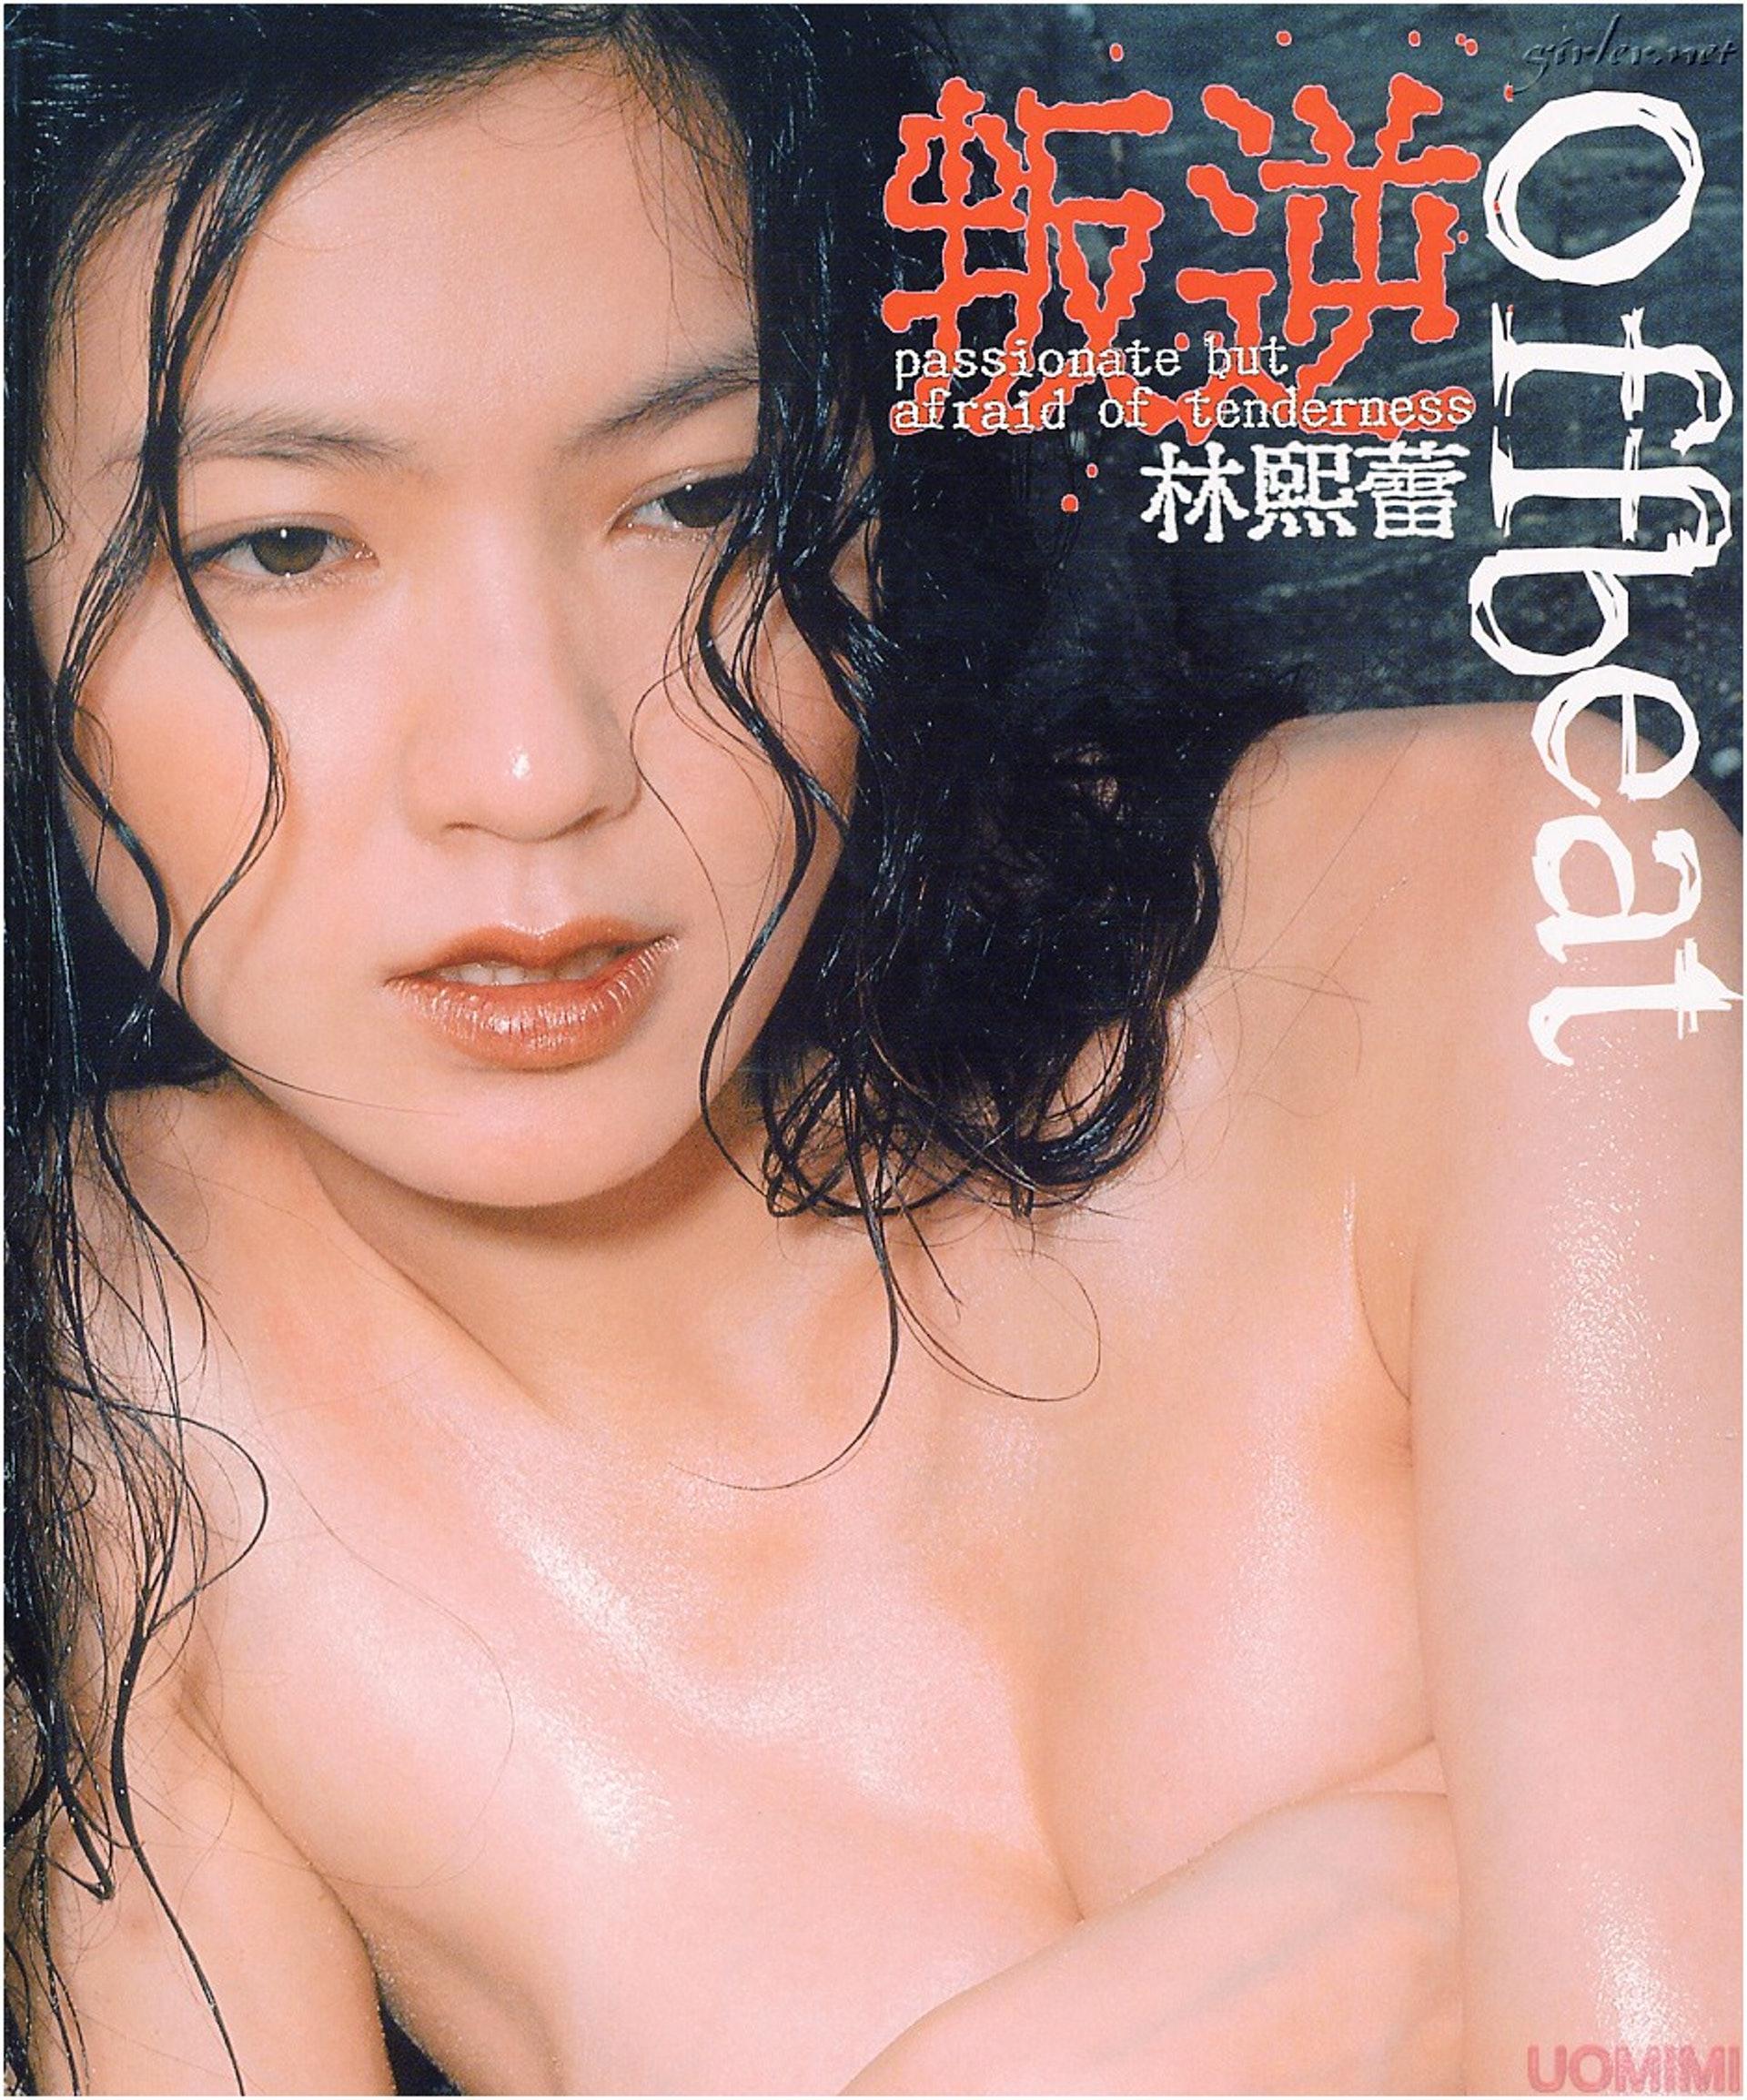 林熙蕾來港發展前曾拍過性感寫真集。(寫真集封面)